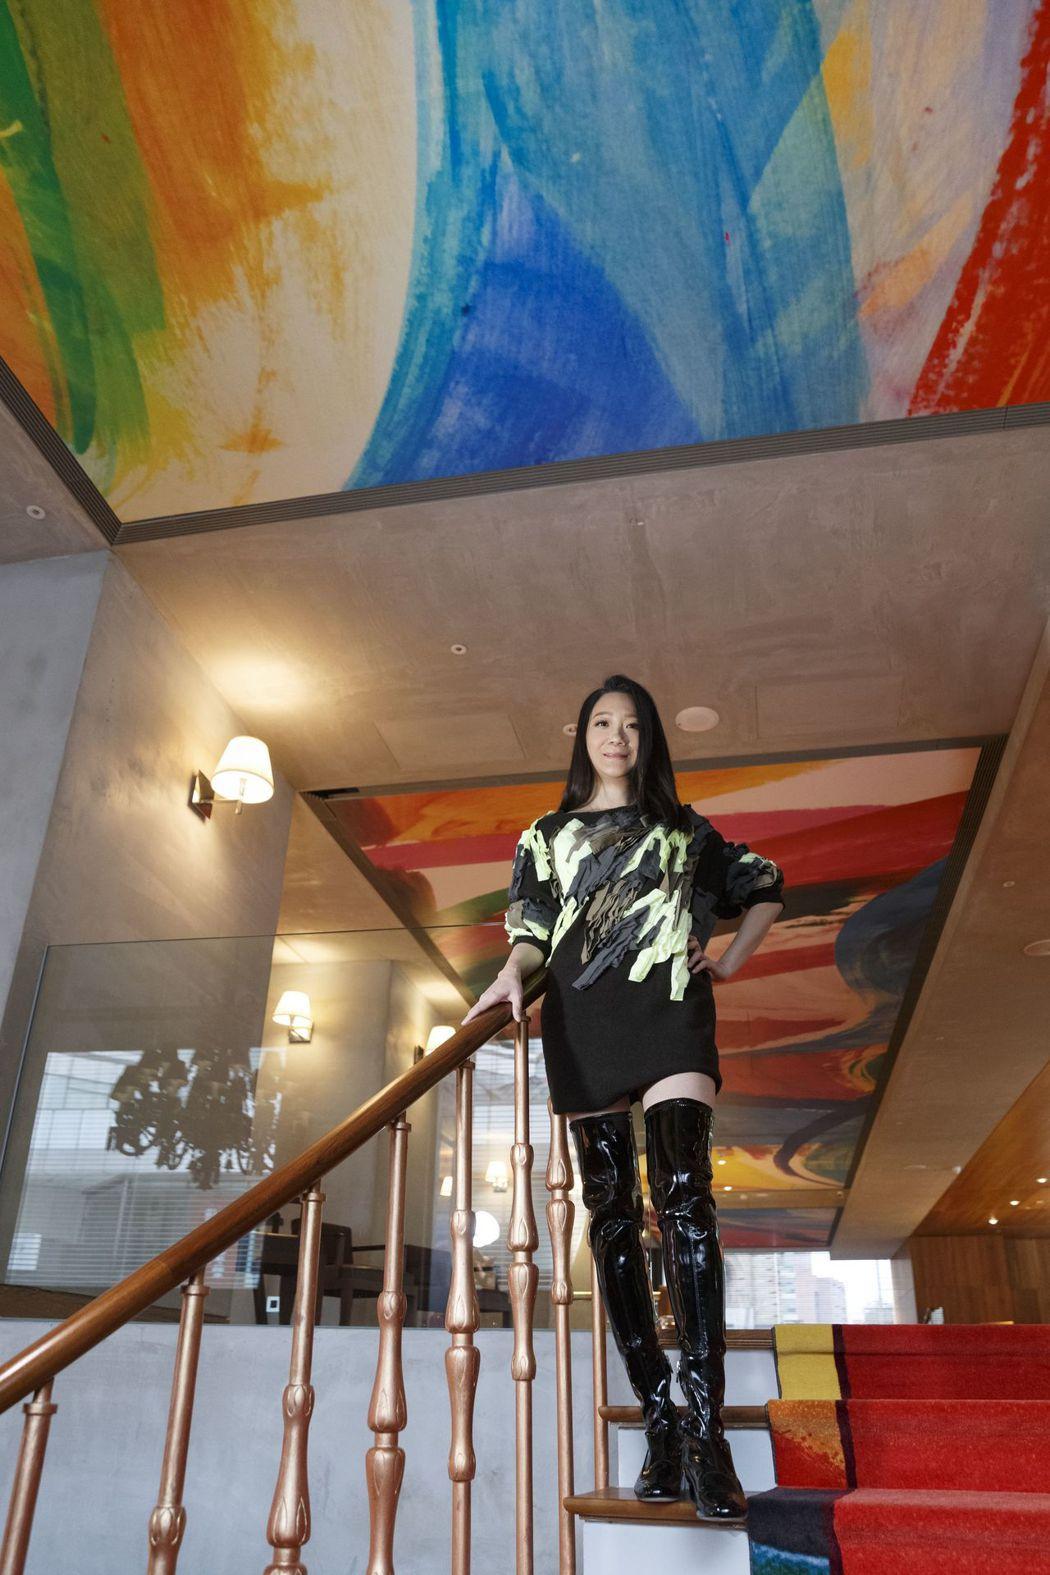 曲家瑞為汪小菲的新飯店S Hotel加入許多藝術元素。圖/華研提供